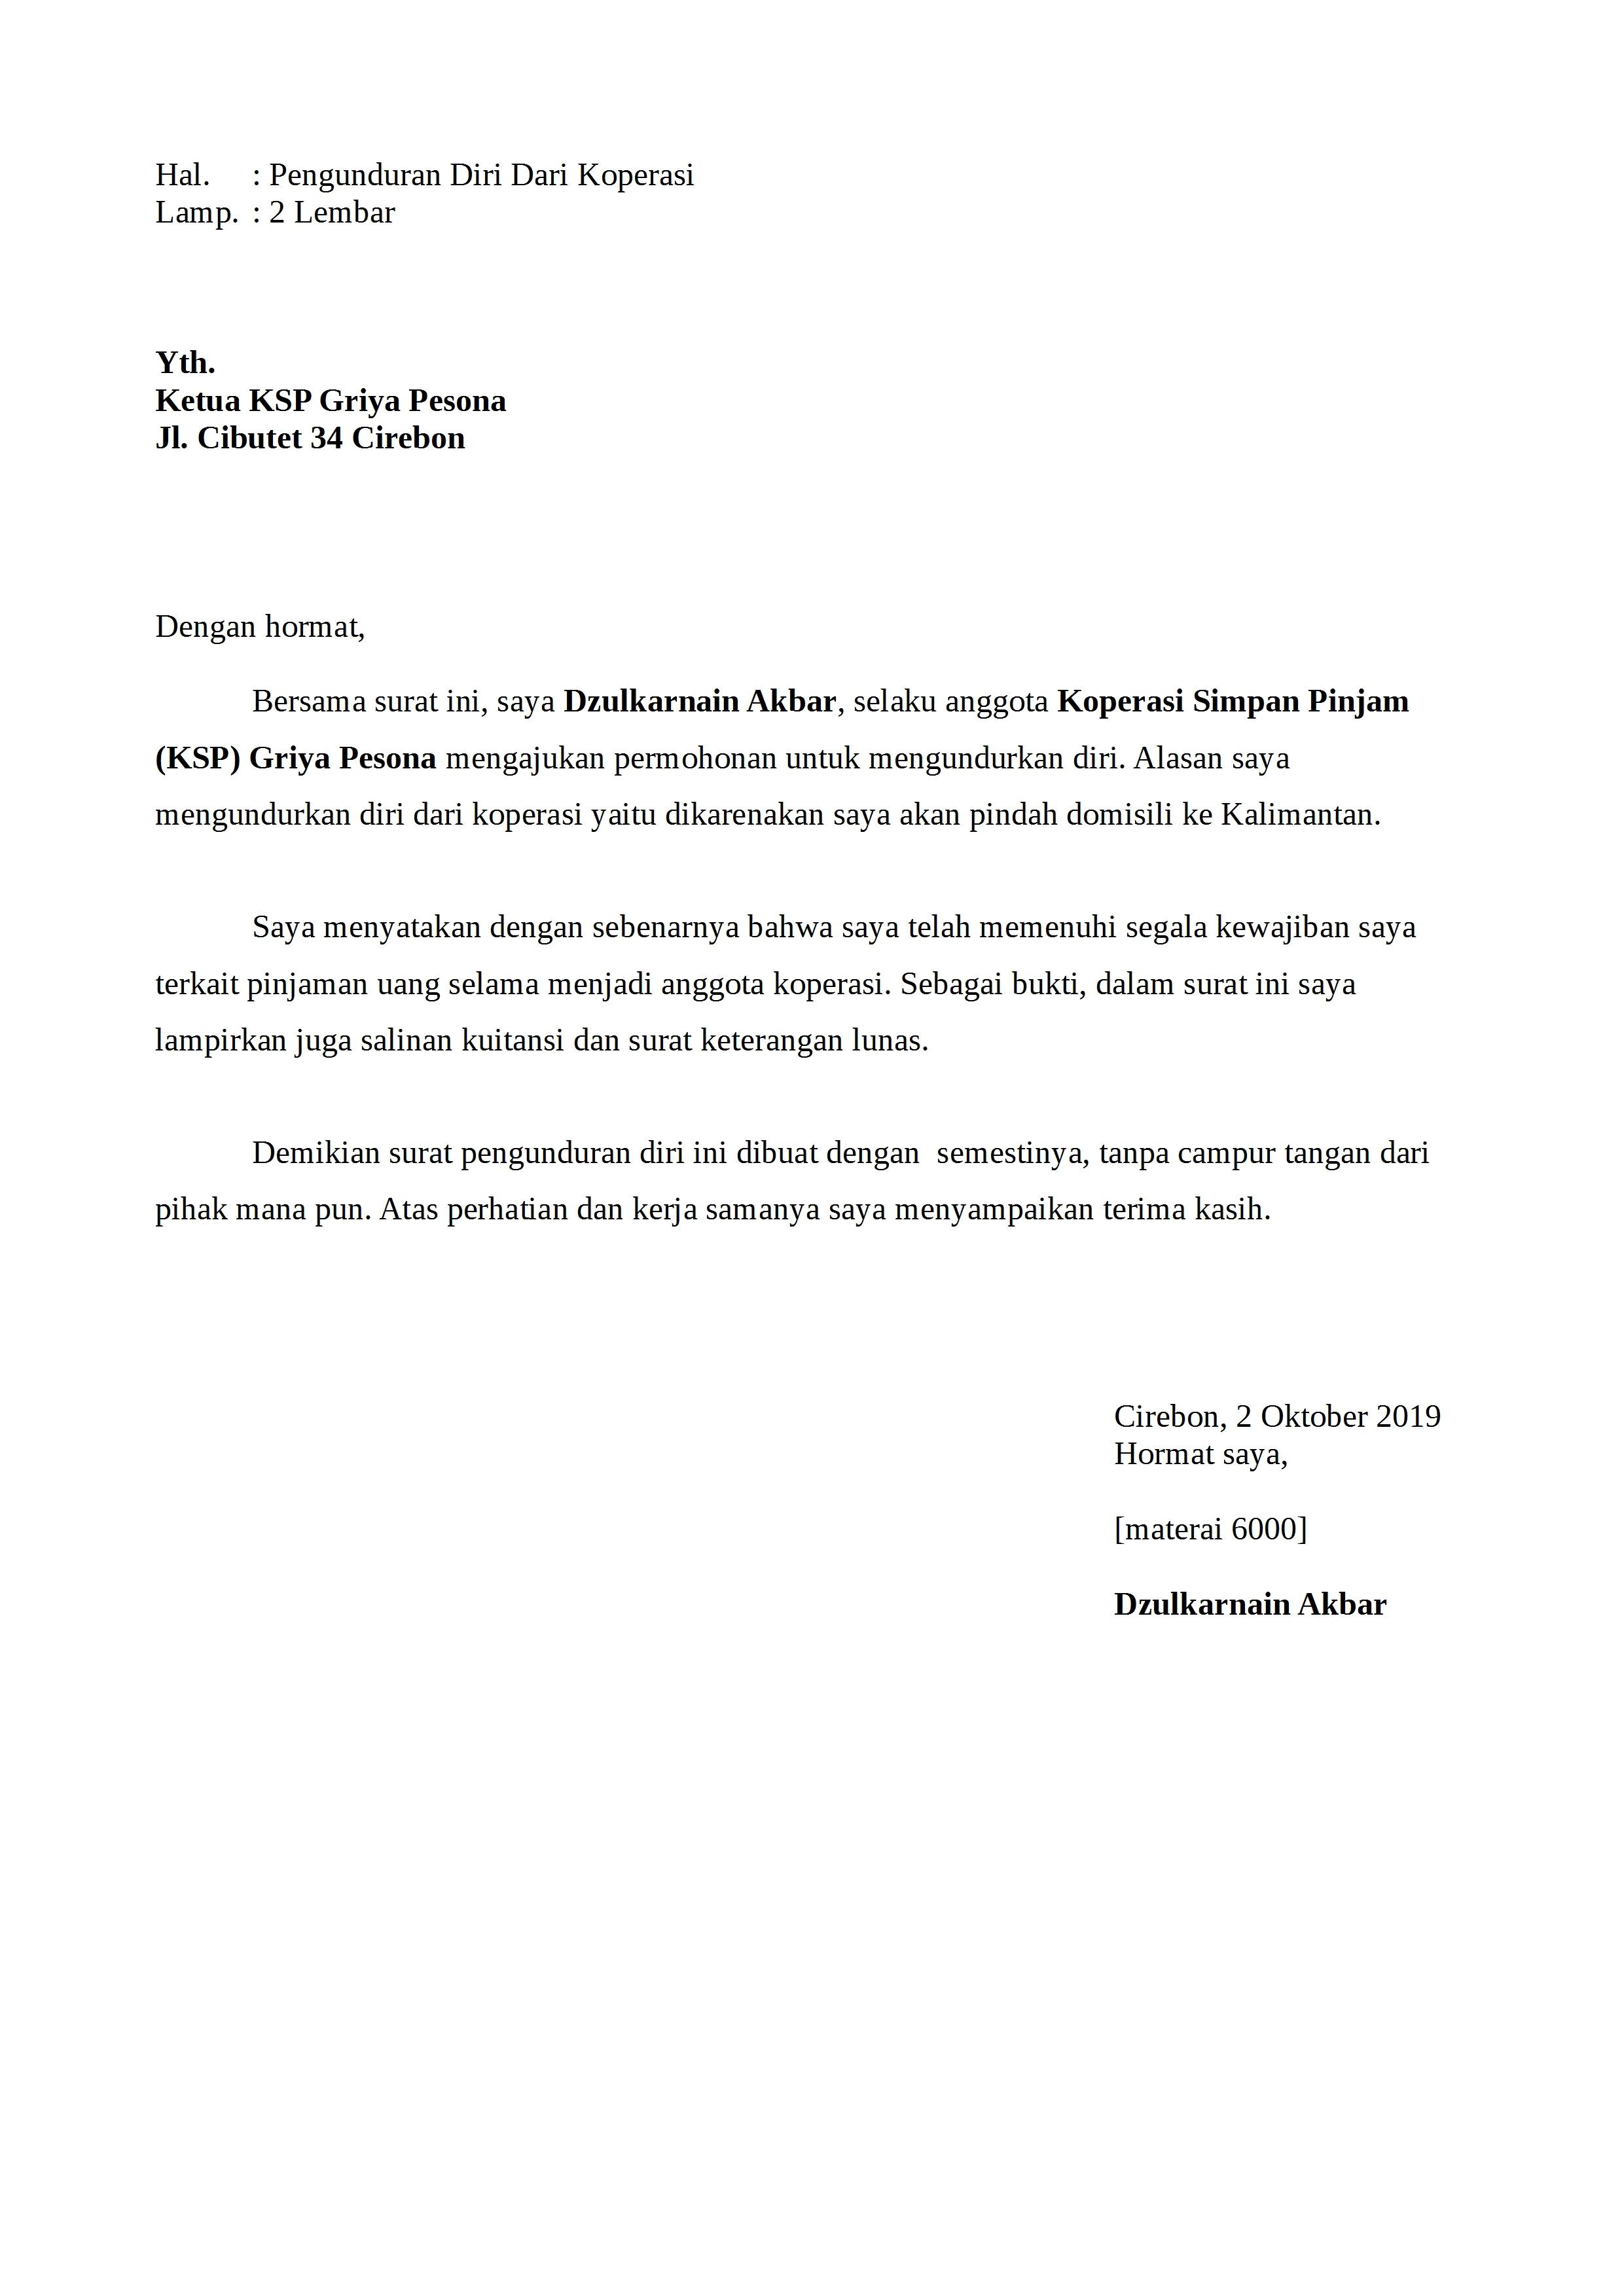 Surat Pengunduran Diri Dari Koperasi Simpan Pinjam Detiklife